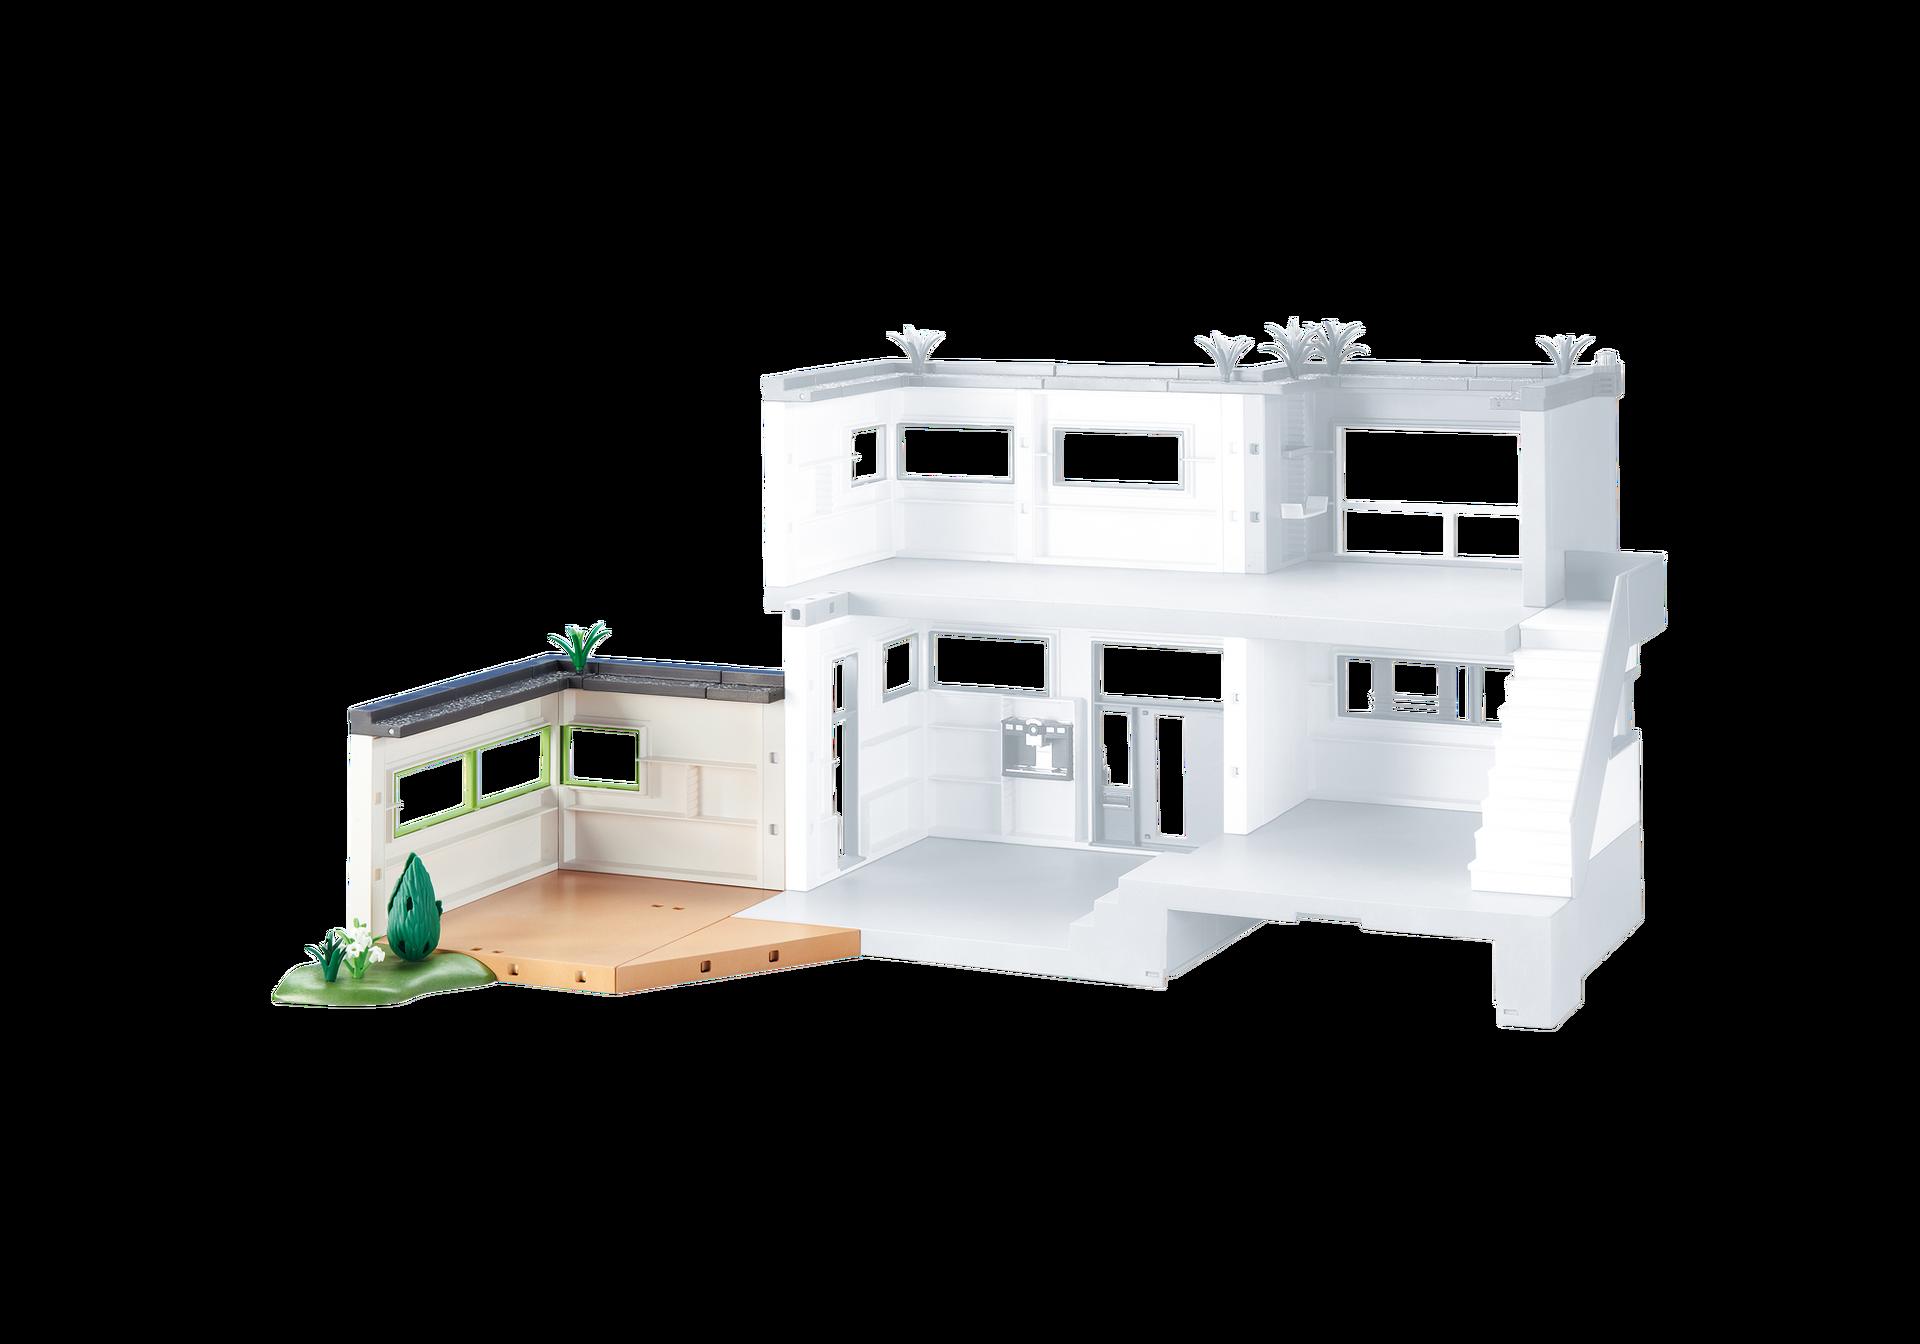 Extensi n para mansi n moderna de lujo 6389 playmobil for Casa moderna de lujo playmobil